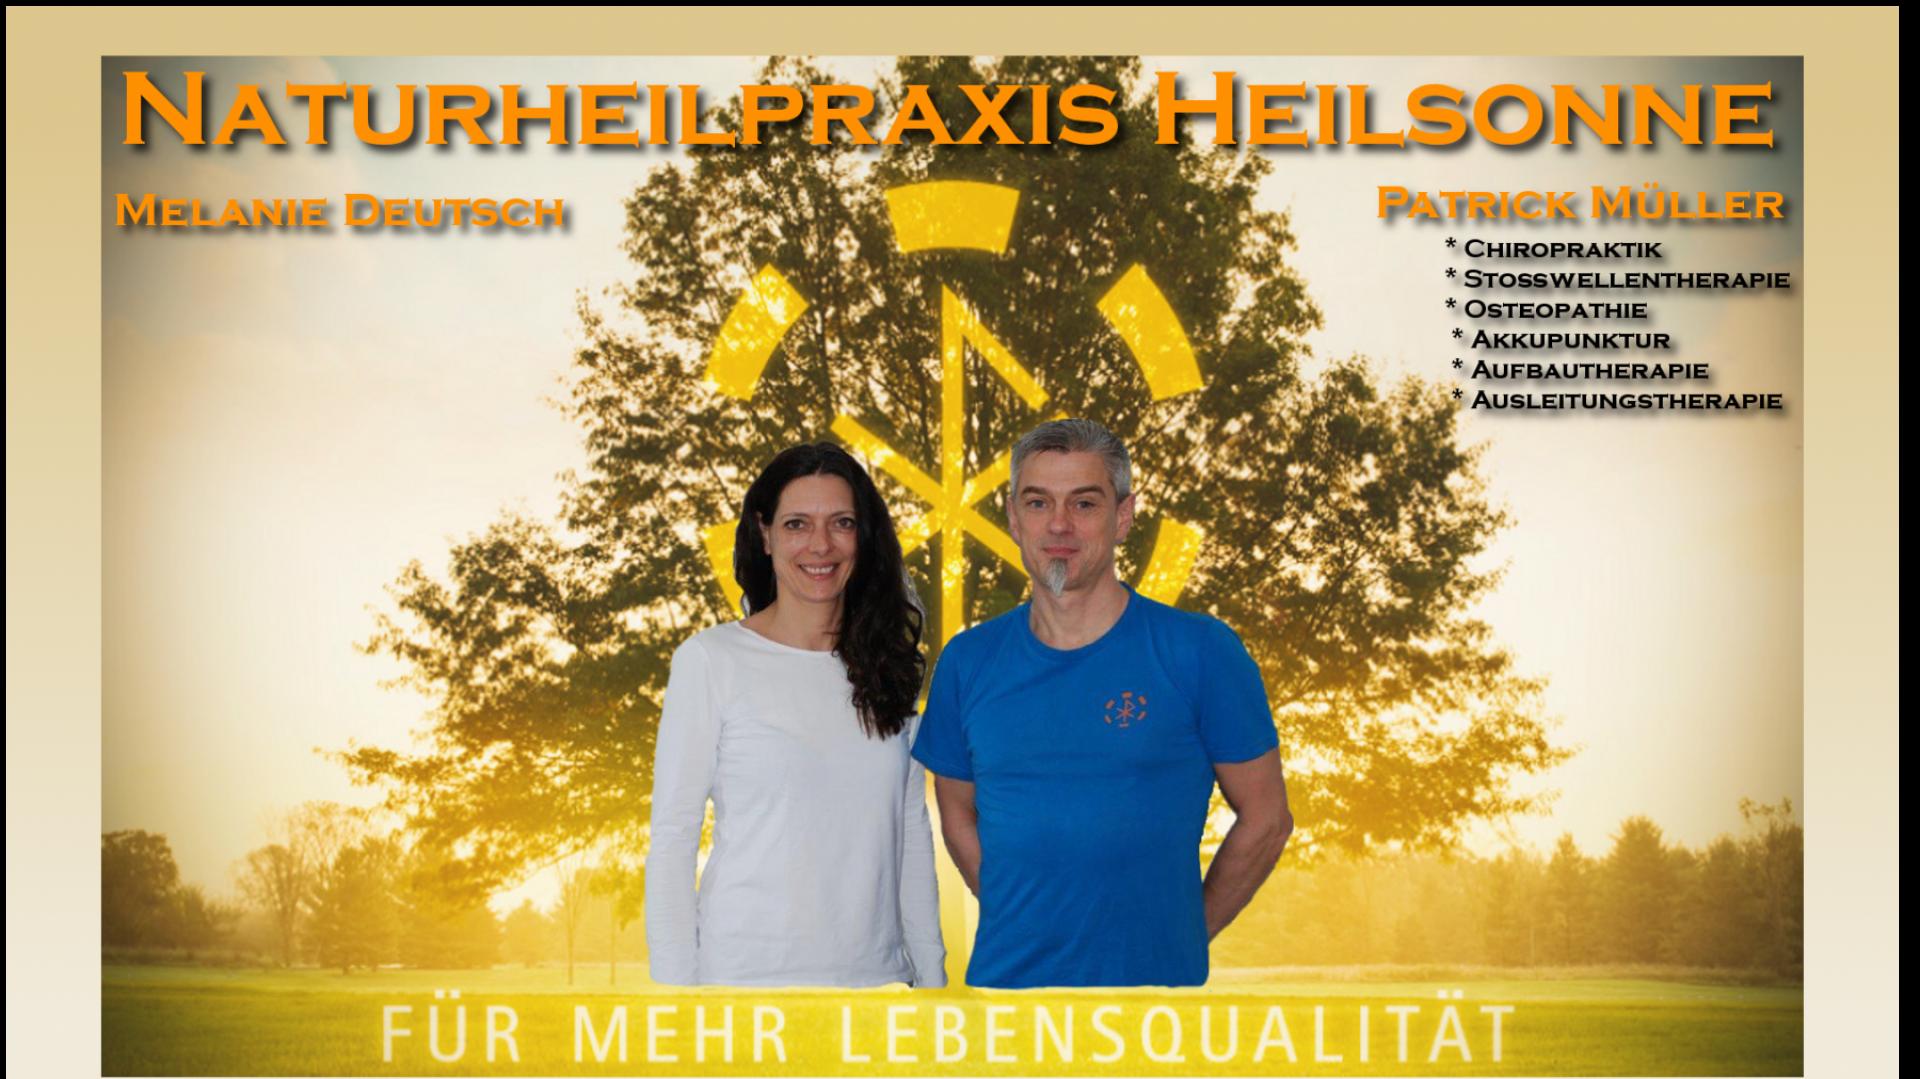 Naturheilpraxis Heilsonne